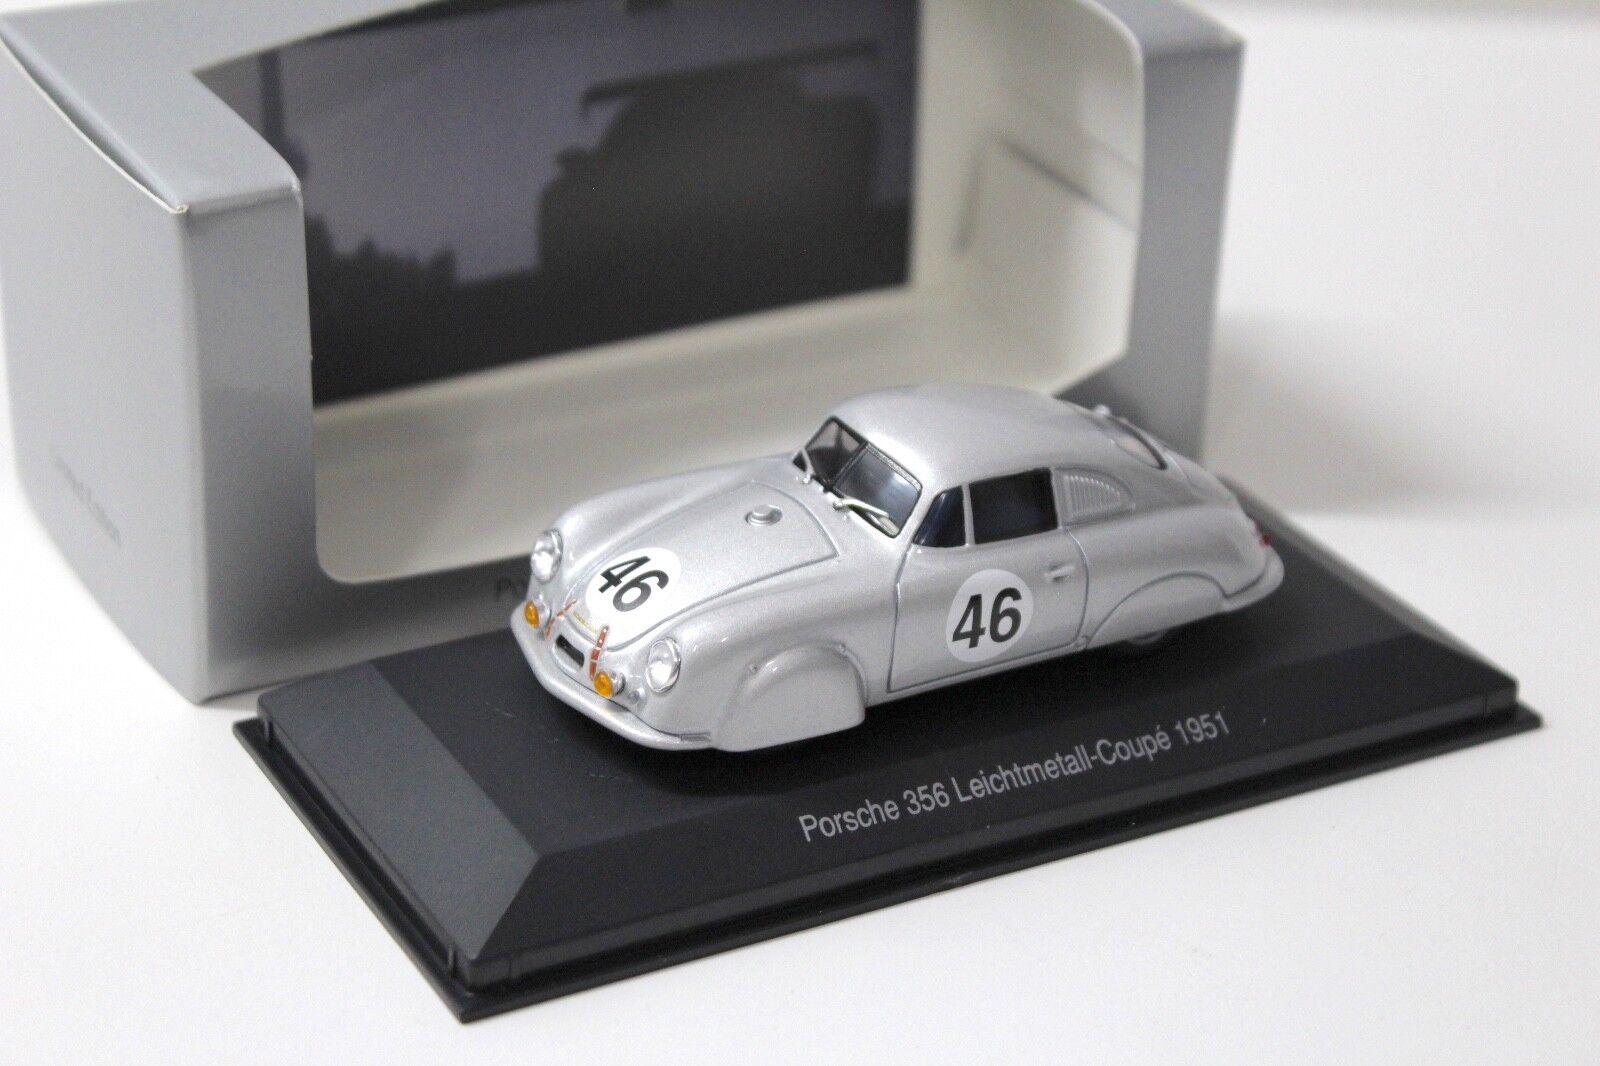 1 43 Minichamps Porsche 356 Leichtmetall-Coupe DEALER NEW bei PREMIUM-MODELCARS